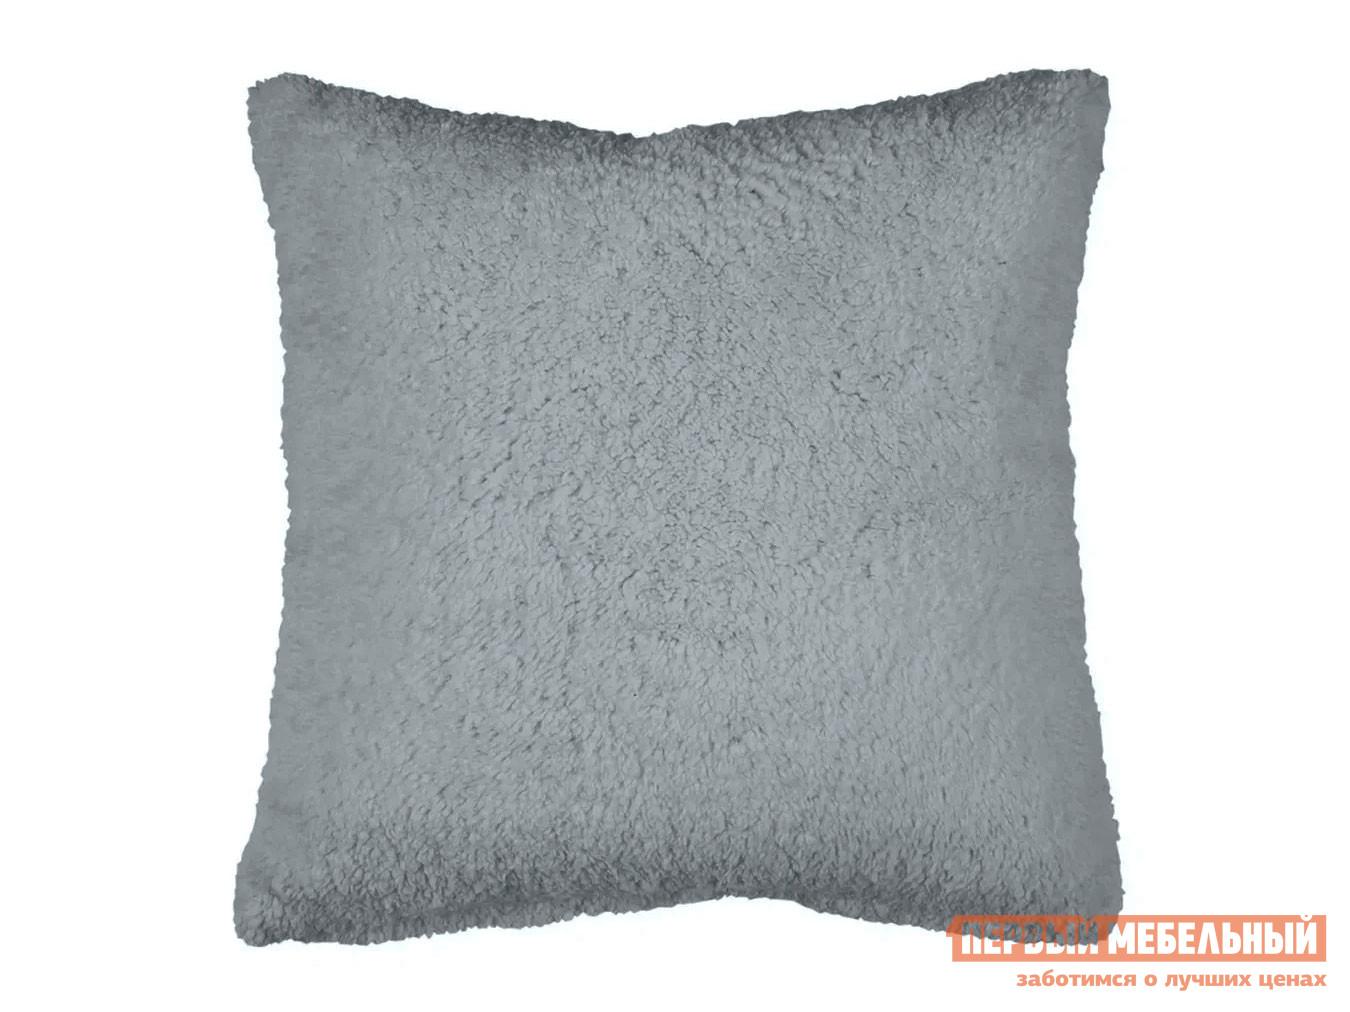 Декоративная подушка  Подушка 40х40 декоративная шерпа Серый — Подушка 40х40 декоративная шерпа Серый